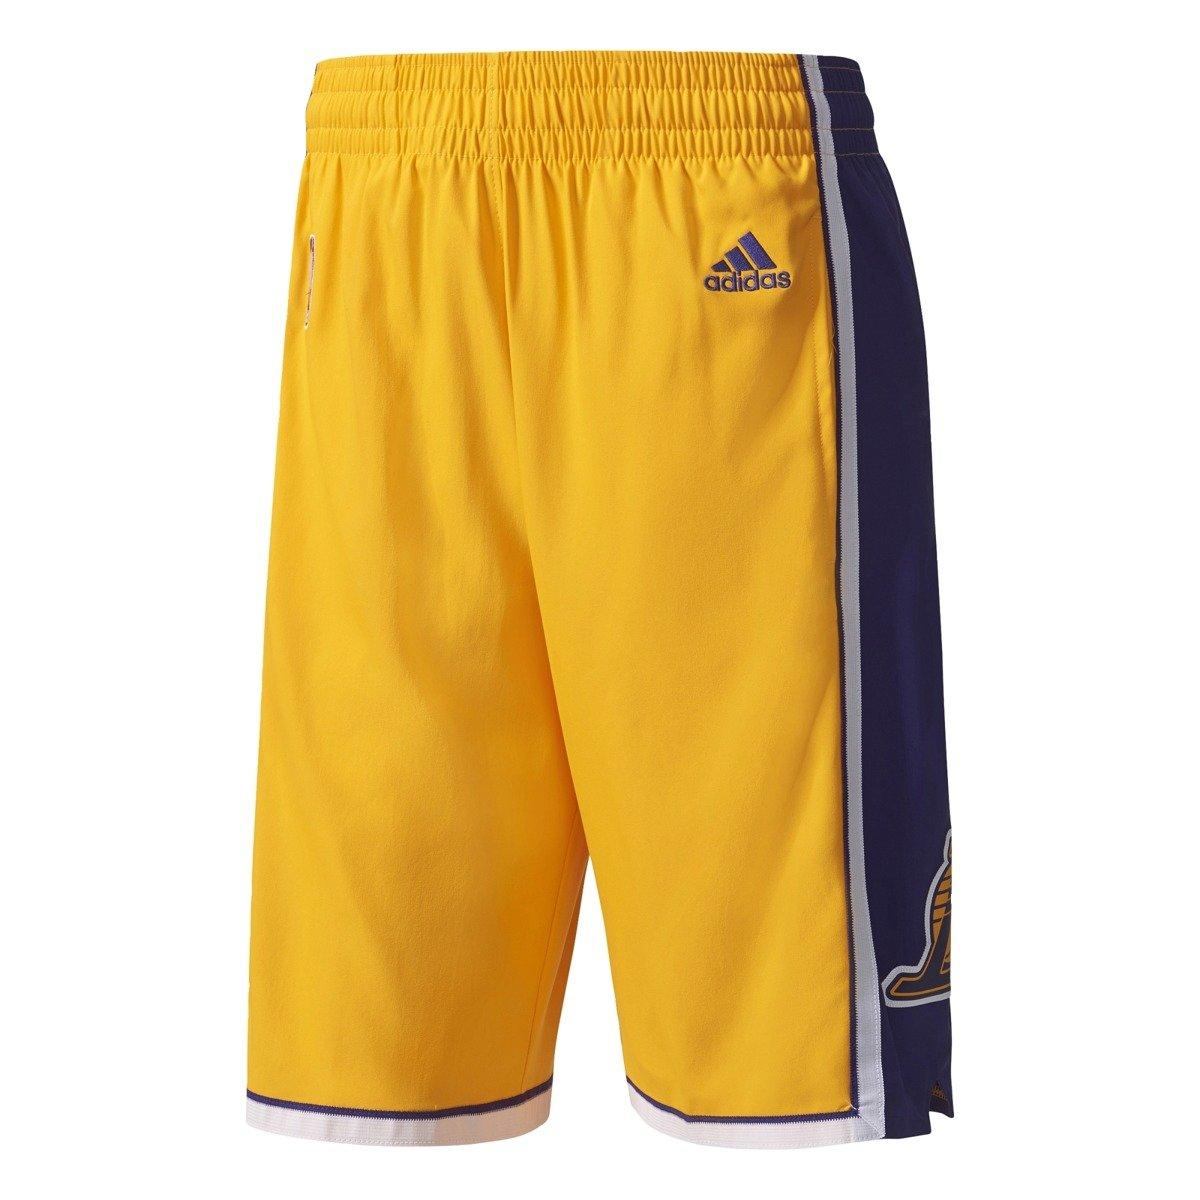 Adidas NBA Los Angeles Lakers Swingman Basketball Shorts - A20641 ... ac2027961e3d